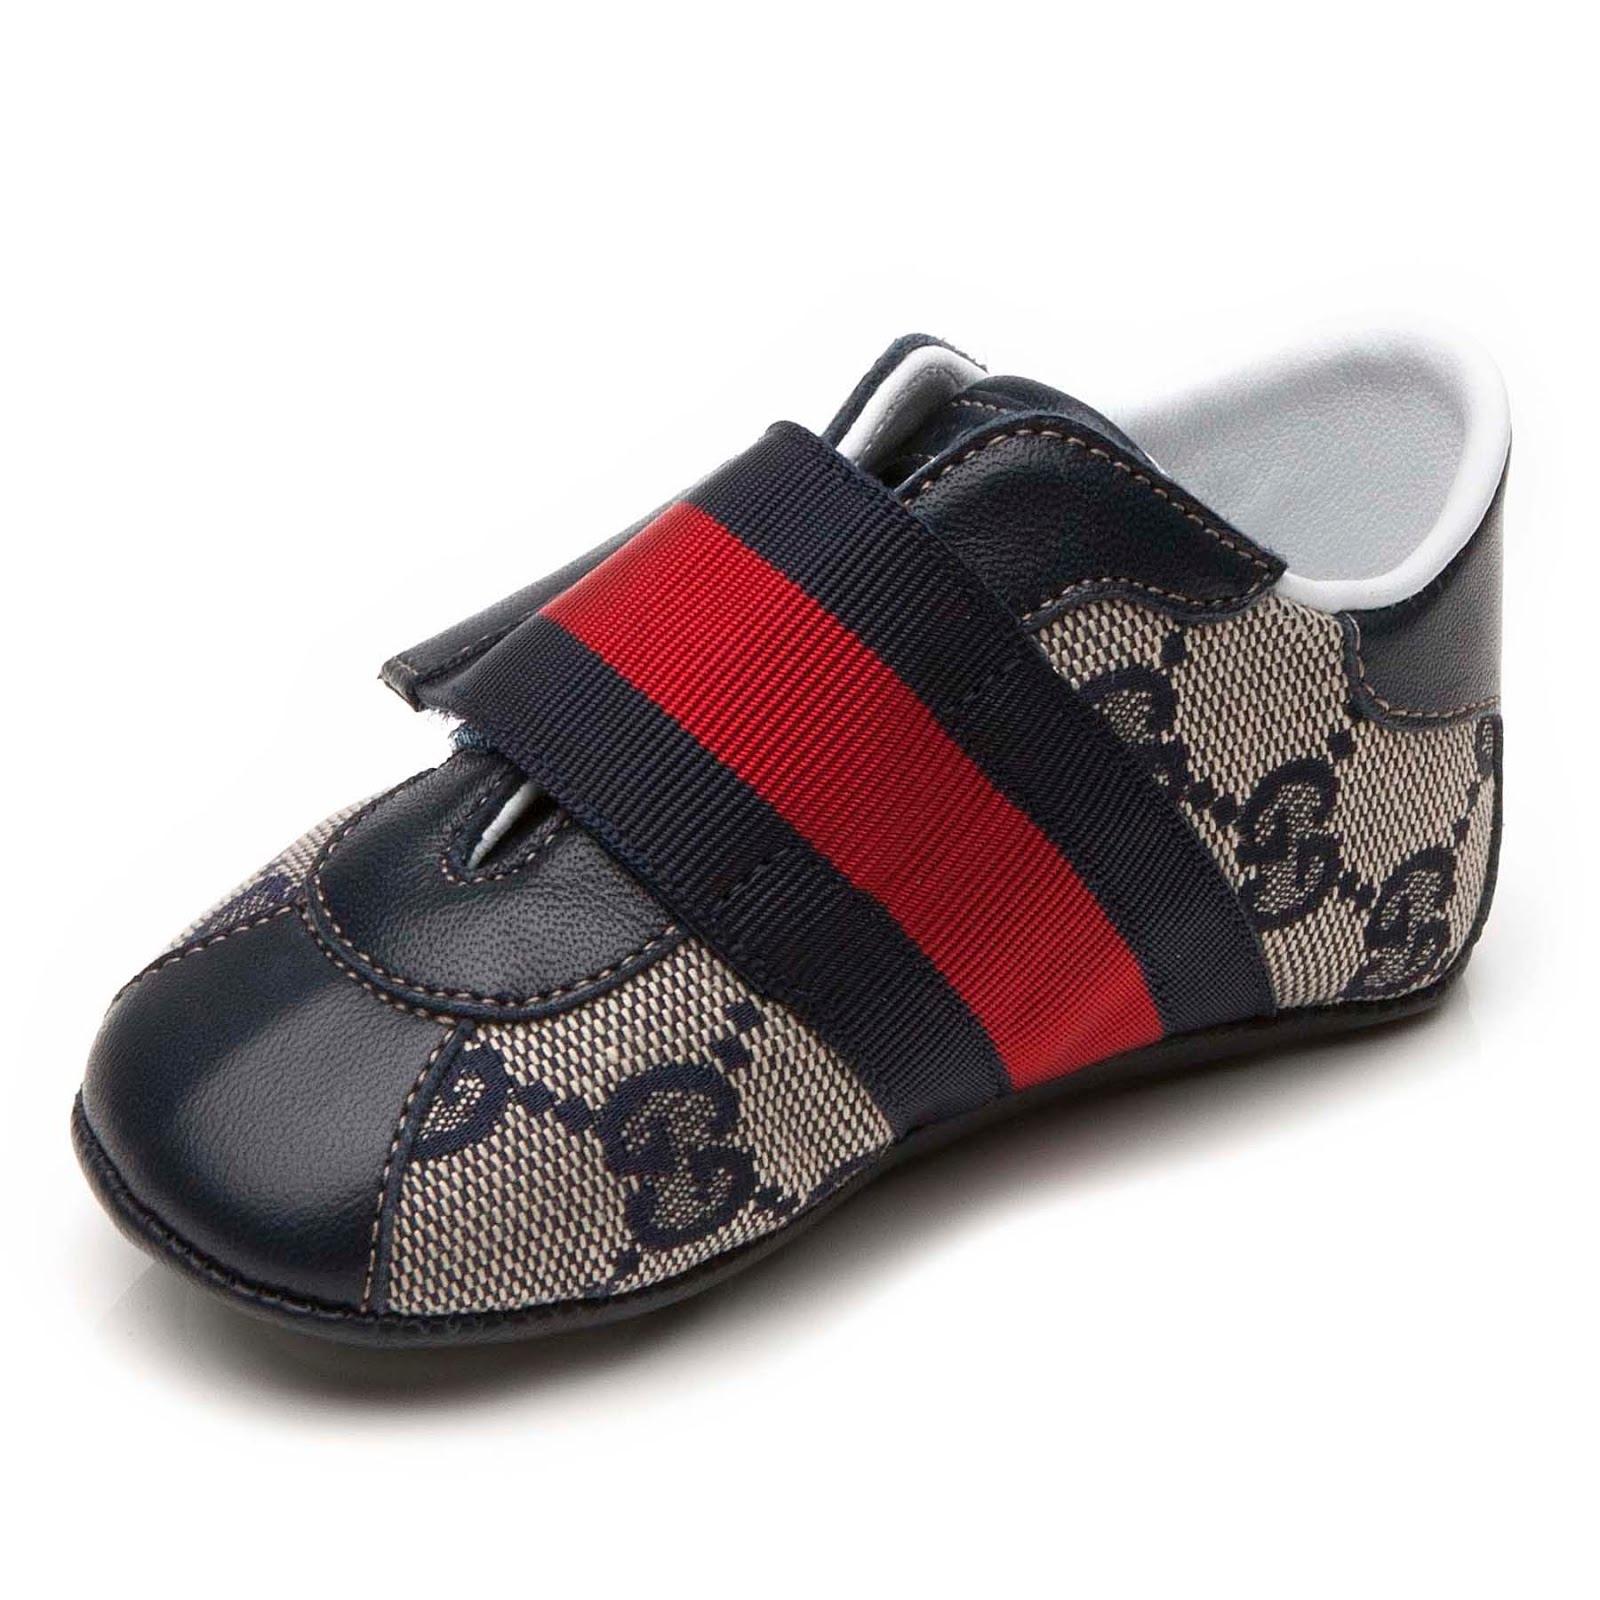 d8f4a48be1d Designer Baby Shoes - Sandals